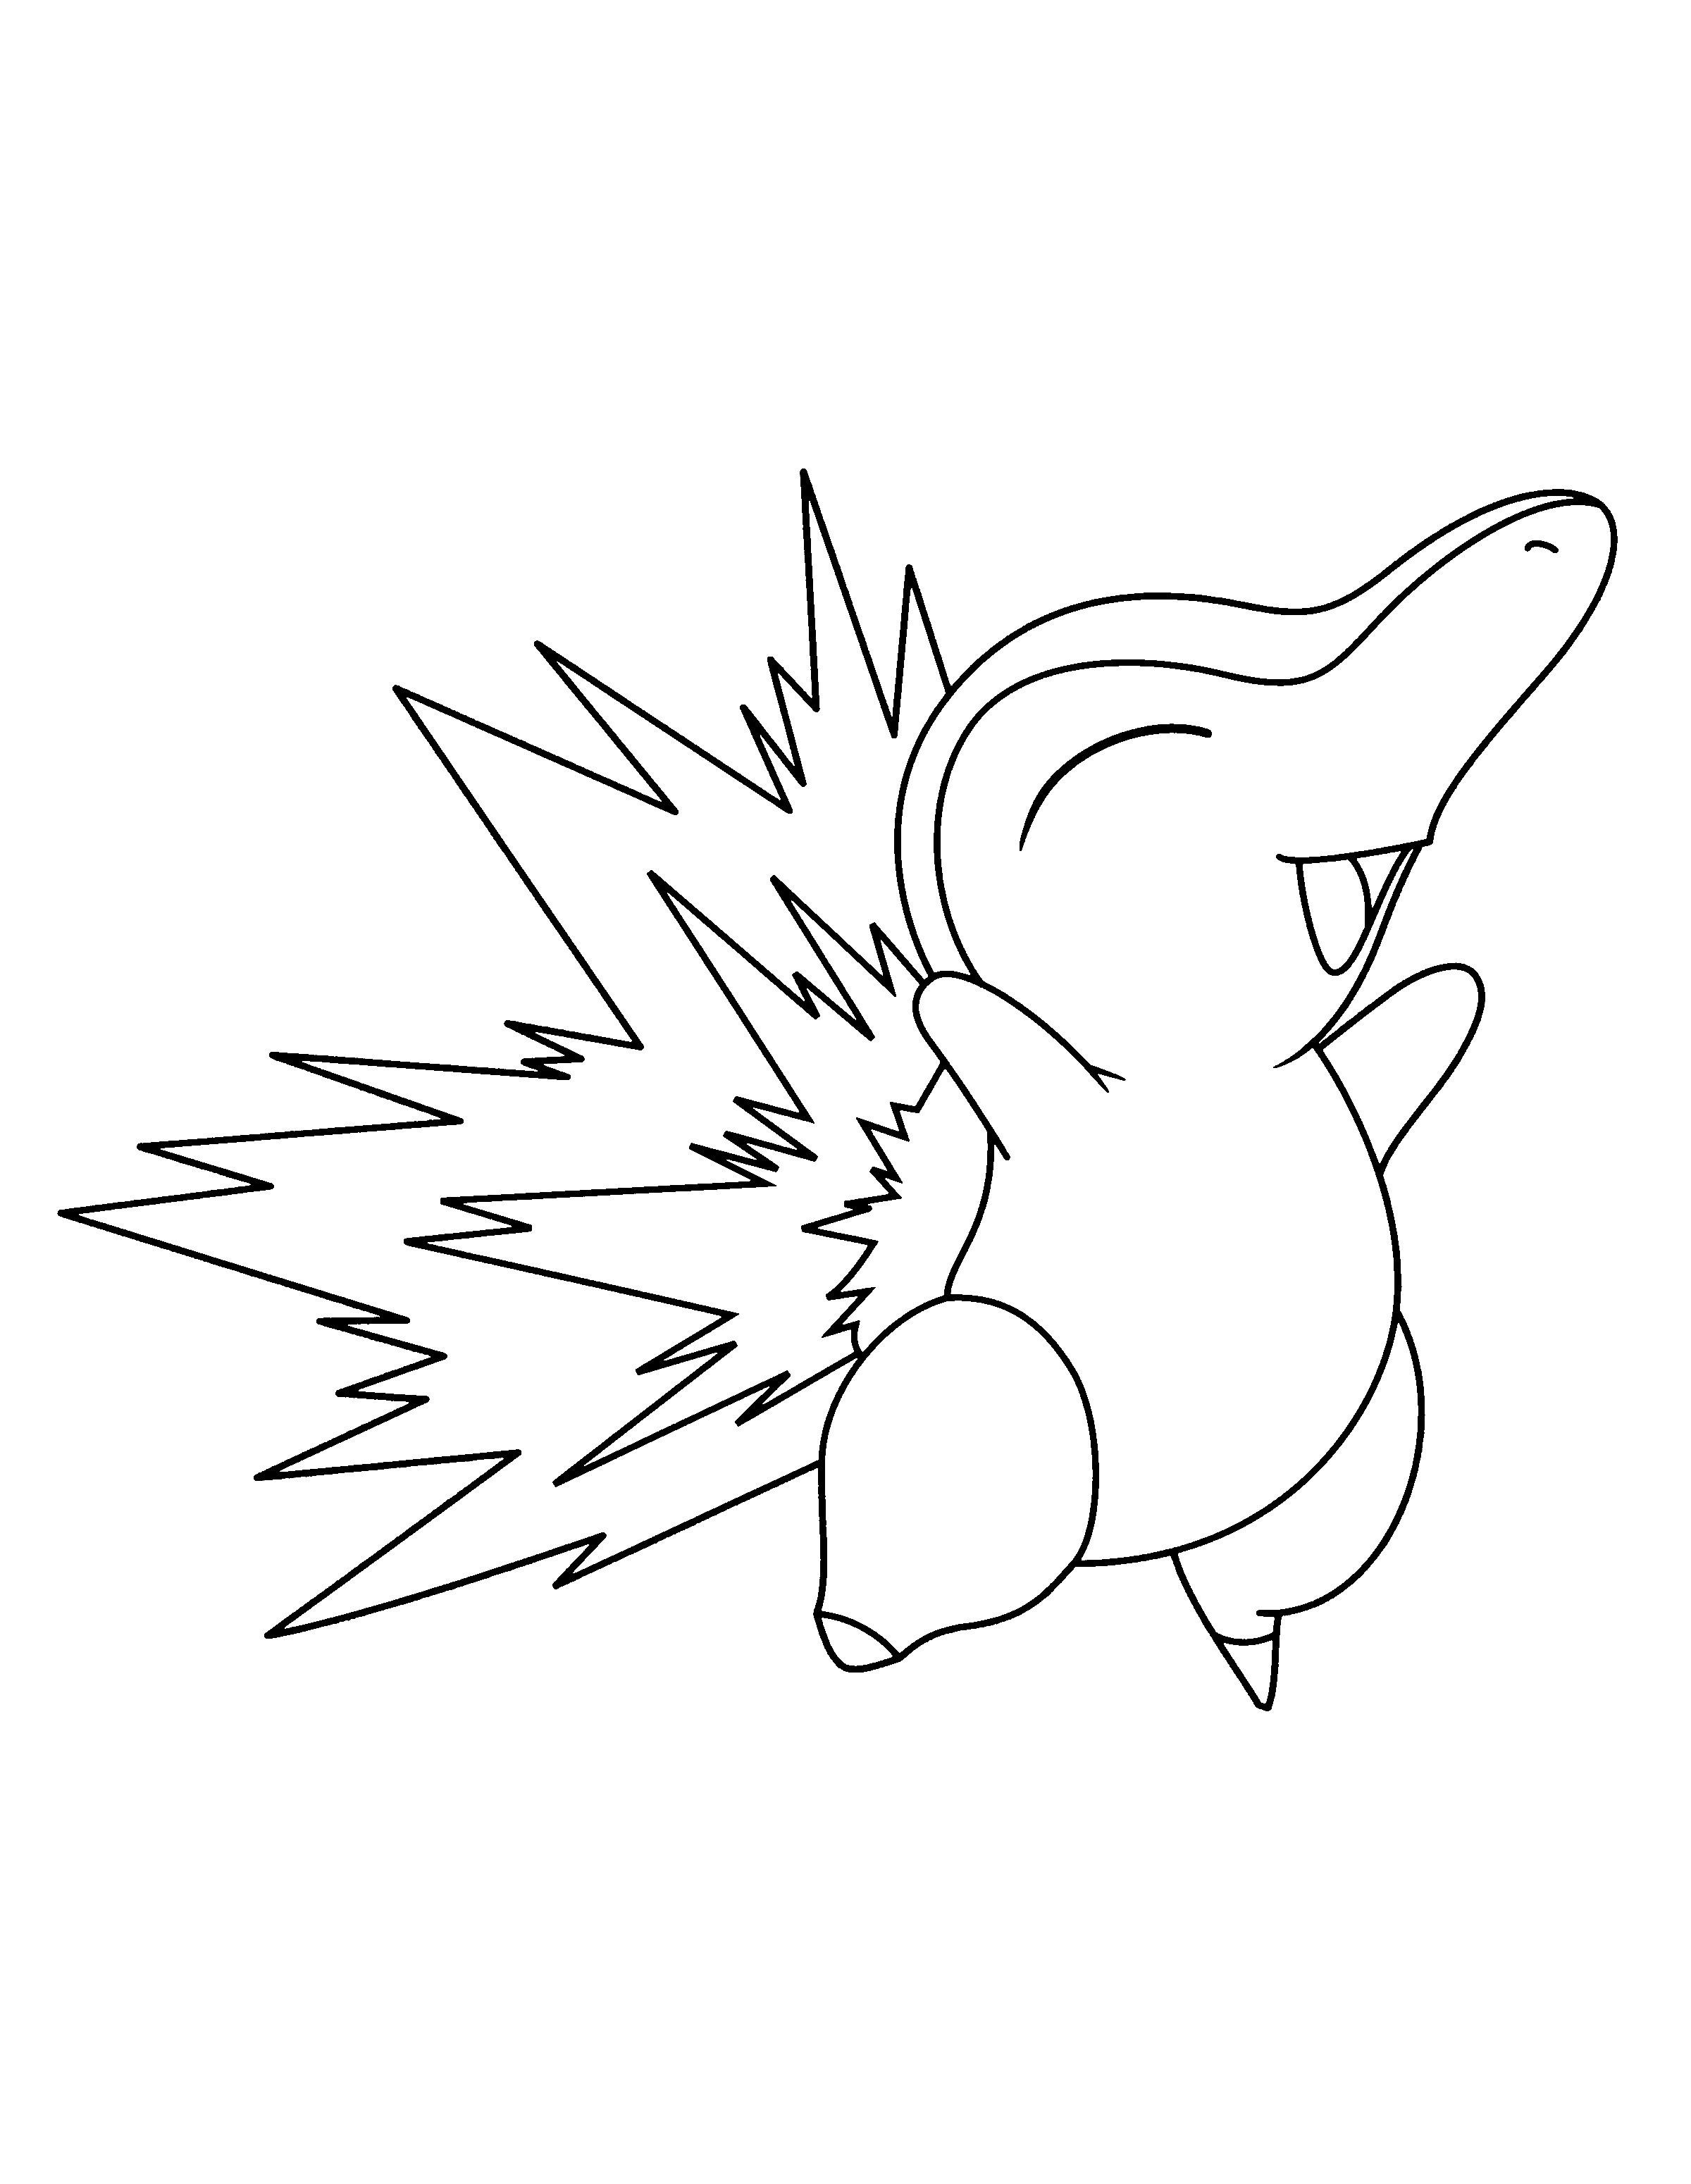 Pokemon Bilder Zum Ausmalen Genial 41 Luxus Pokemon Pikachu Ausmalbilder – Große Coloring Page Sammlung Stock